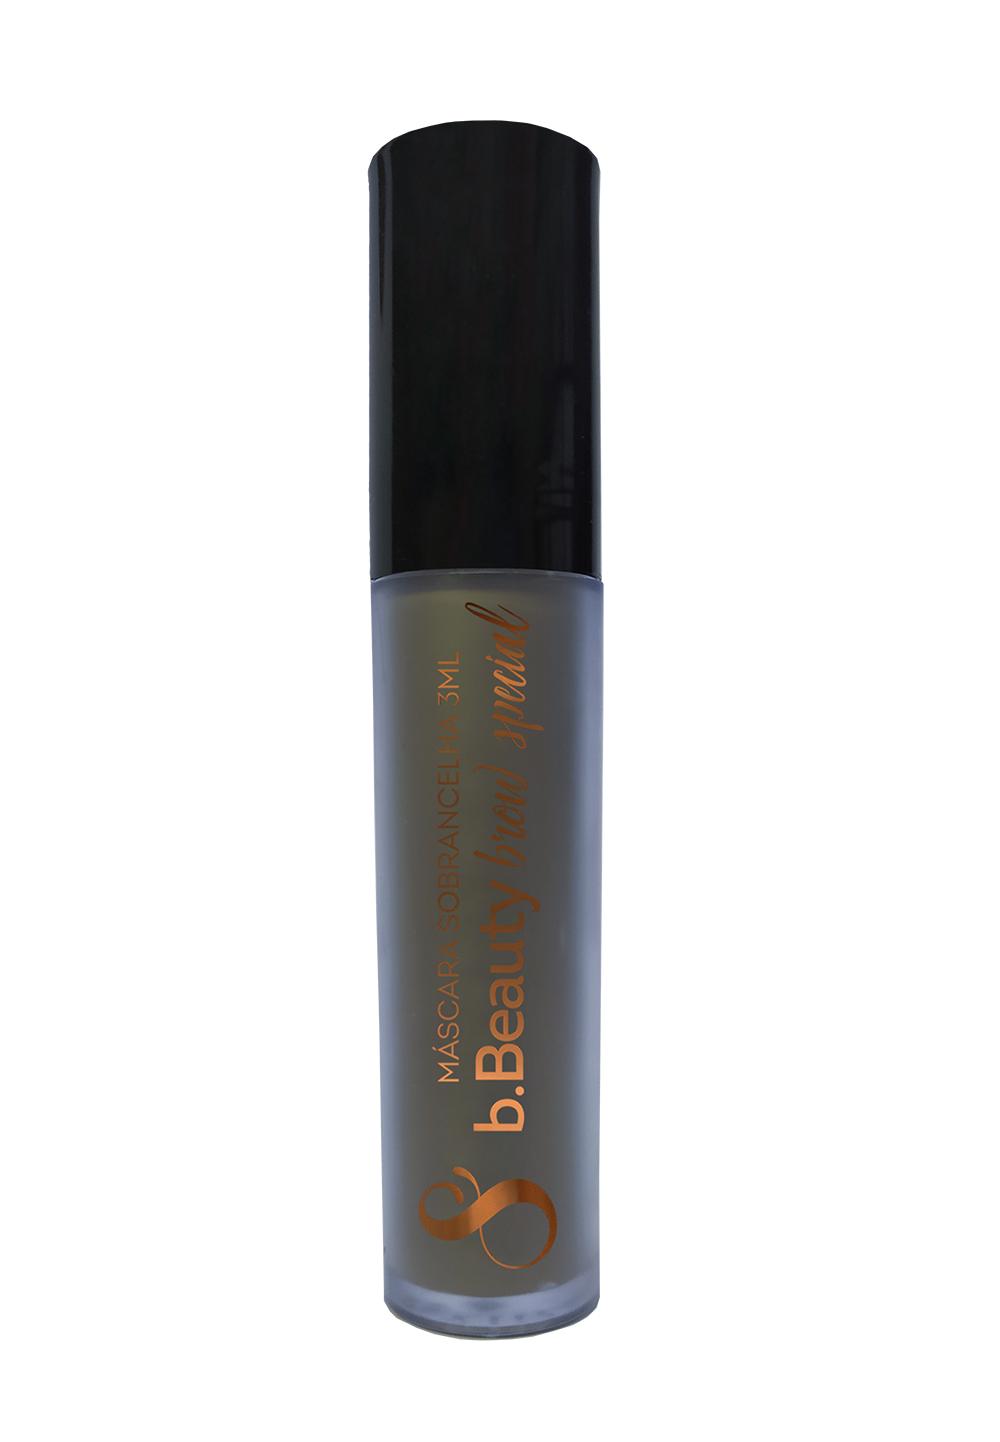 Mascara de Sobrancelhas Bbeauty Brow Special Cor 03  - SUELEN MAKEUP